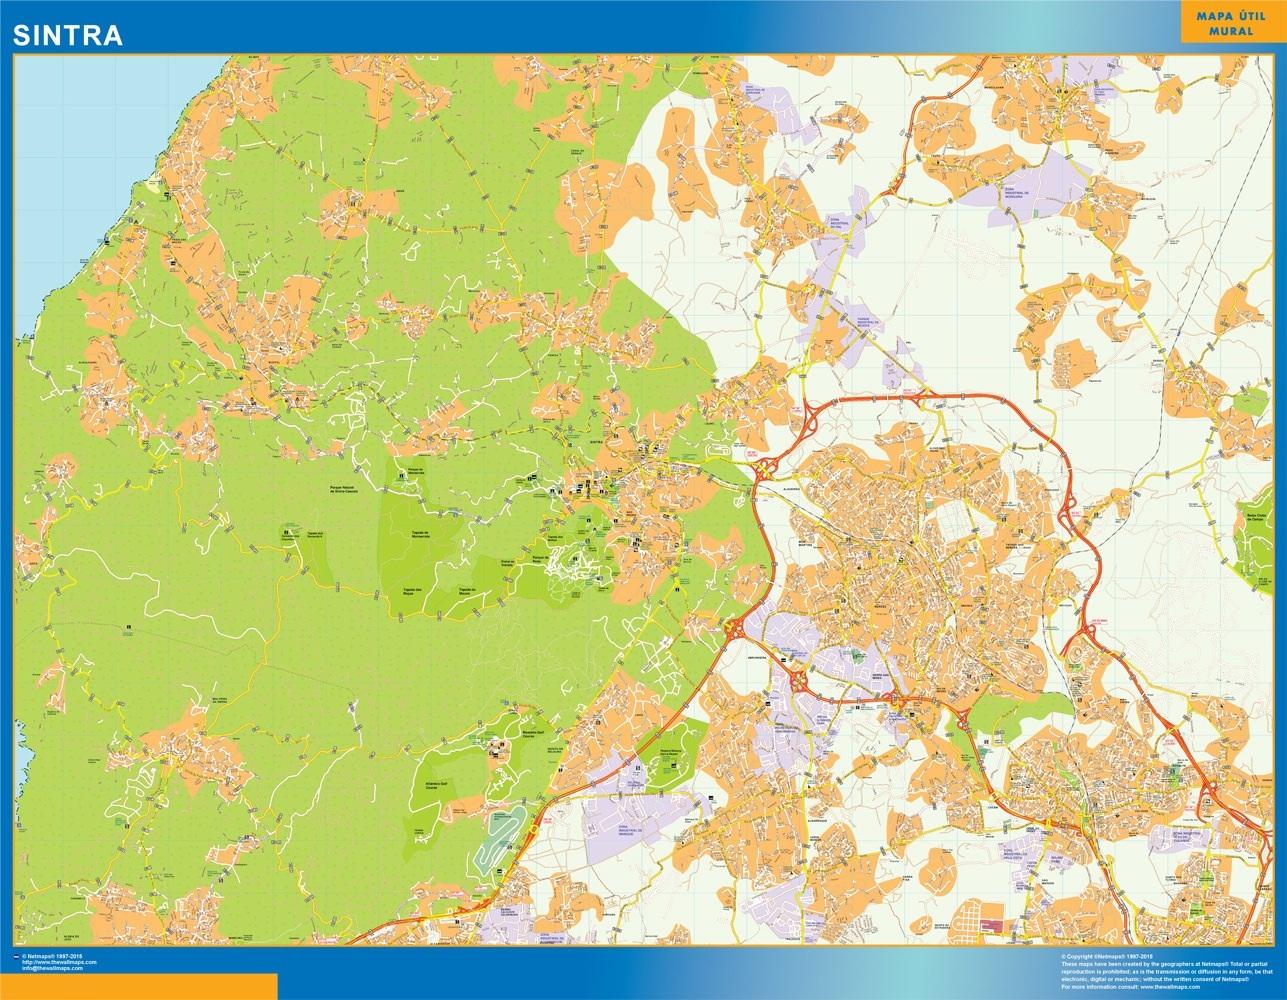 Mapa Sintra en Portugal plastificado gigante